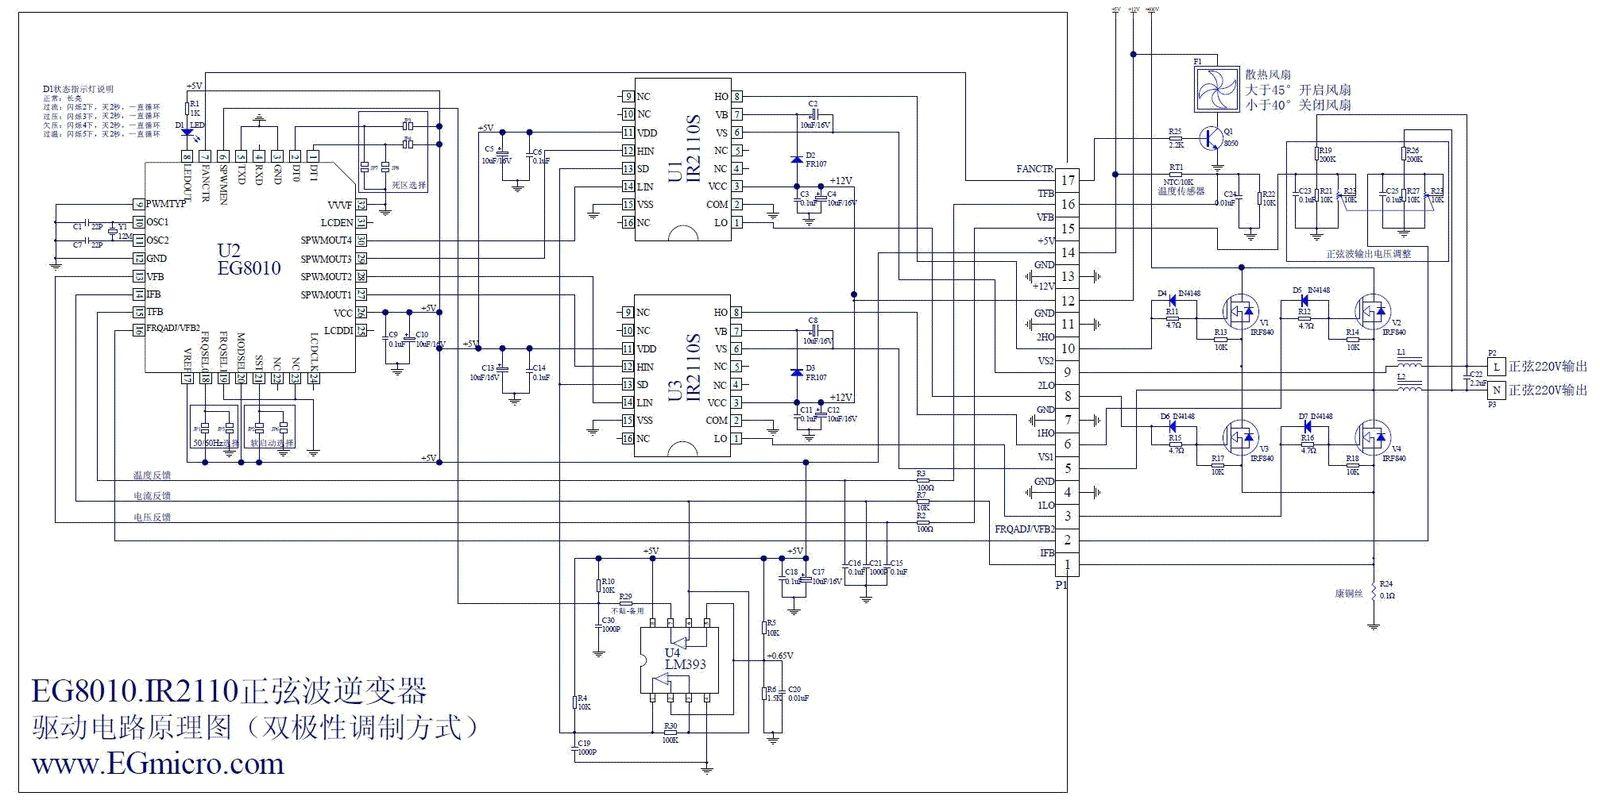 Egs002 eg8010 ir2110 модуль драйвера схема включения youtube.